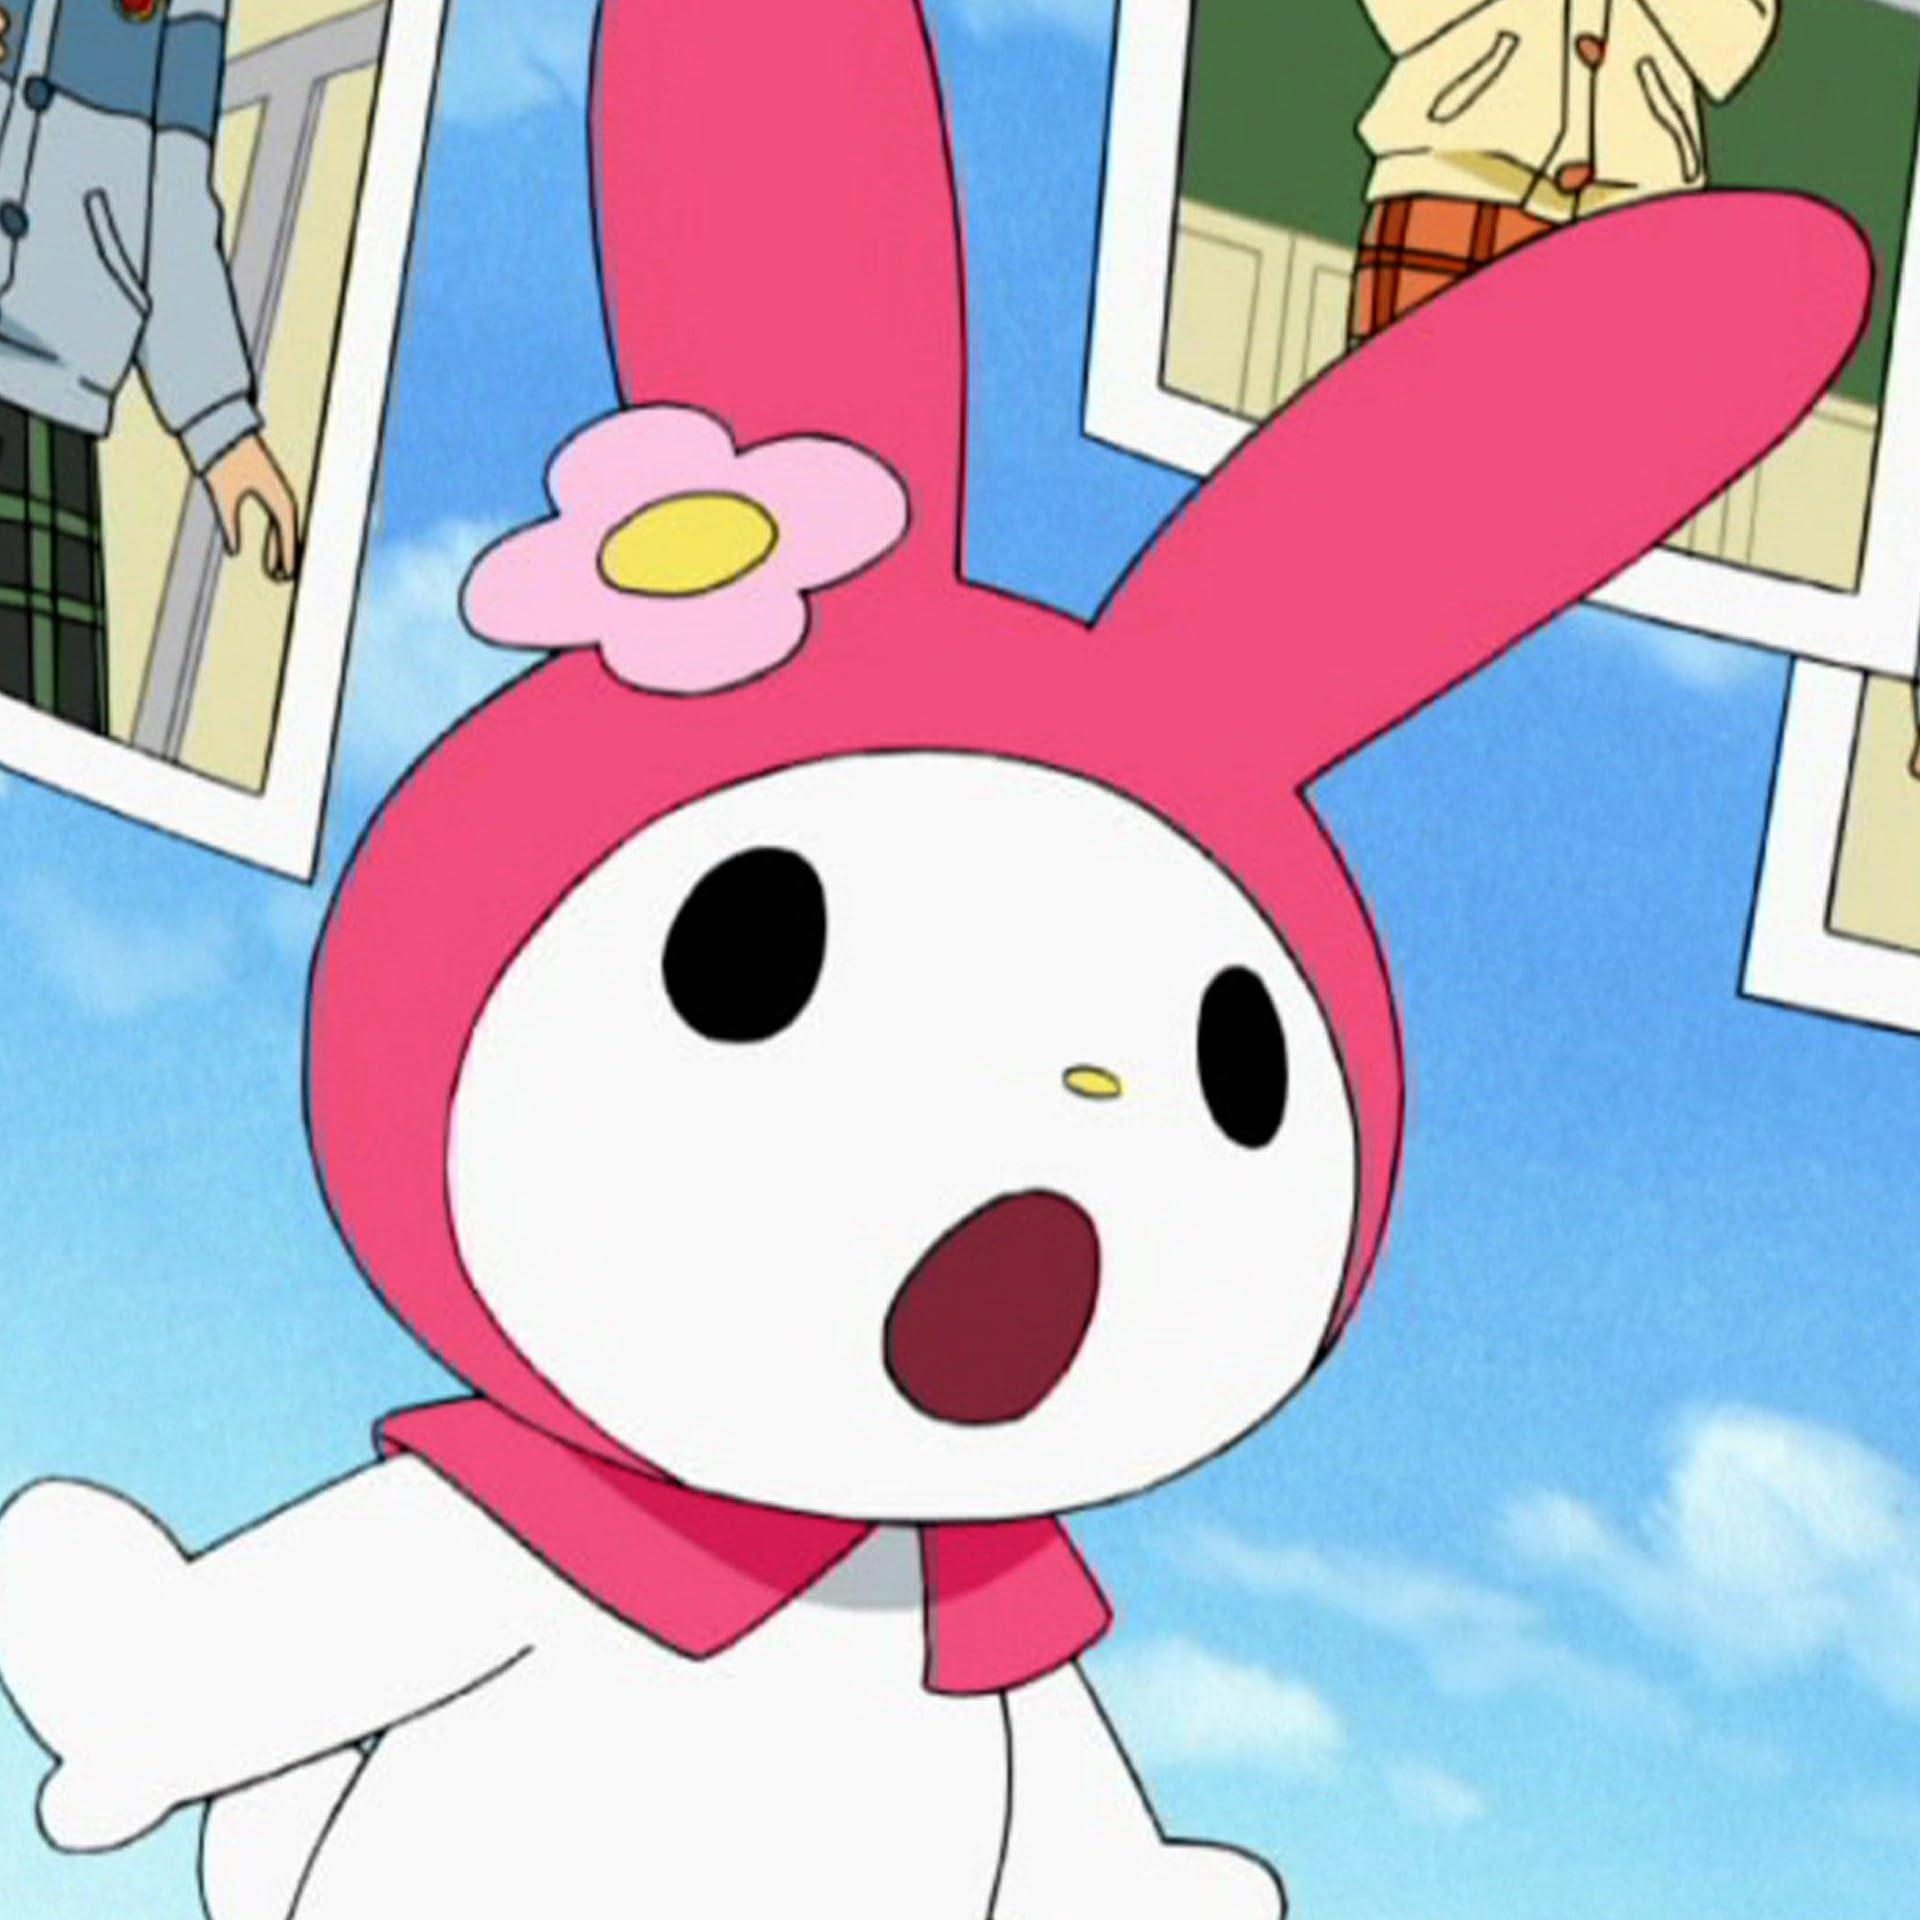 おねがいマイメロディ Ipad壁紙 マイメロディ アニメ スマホ用画像147636